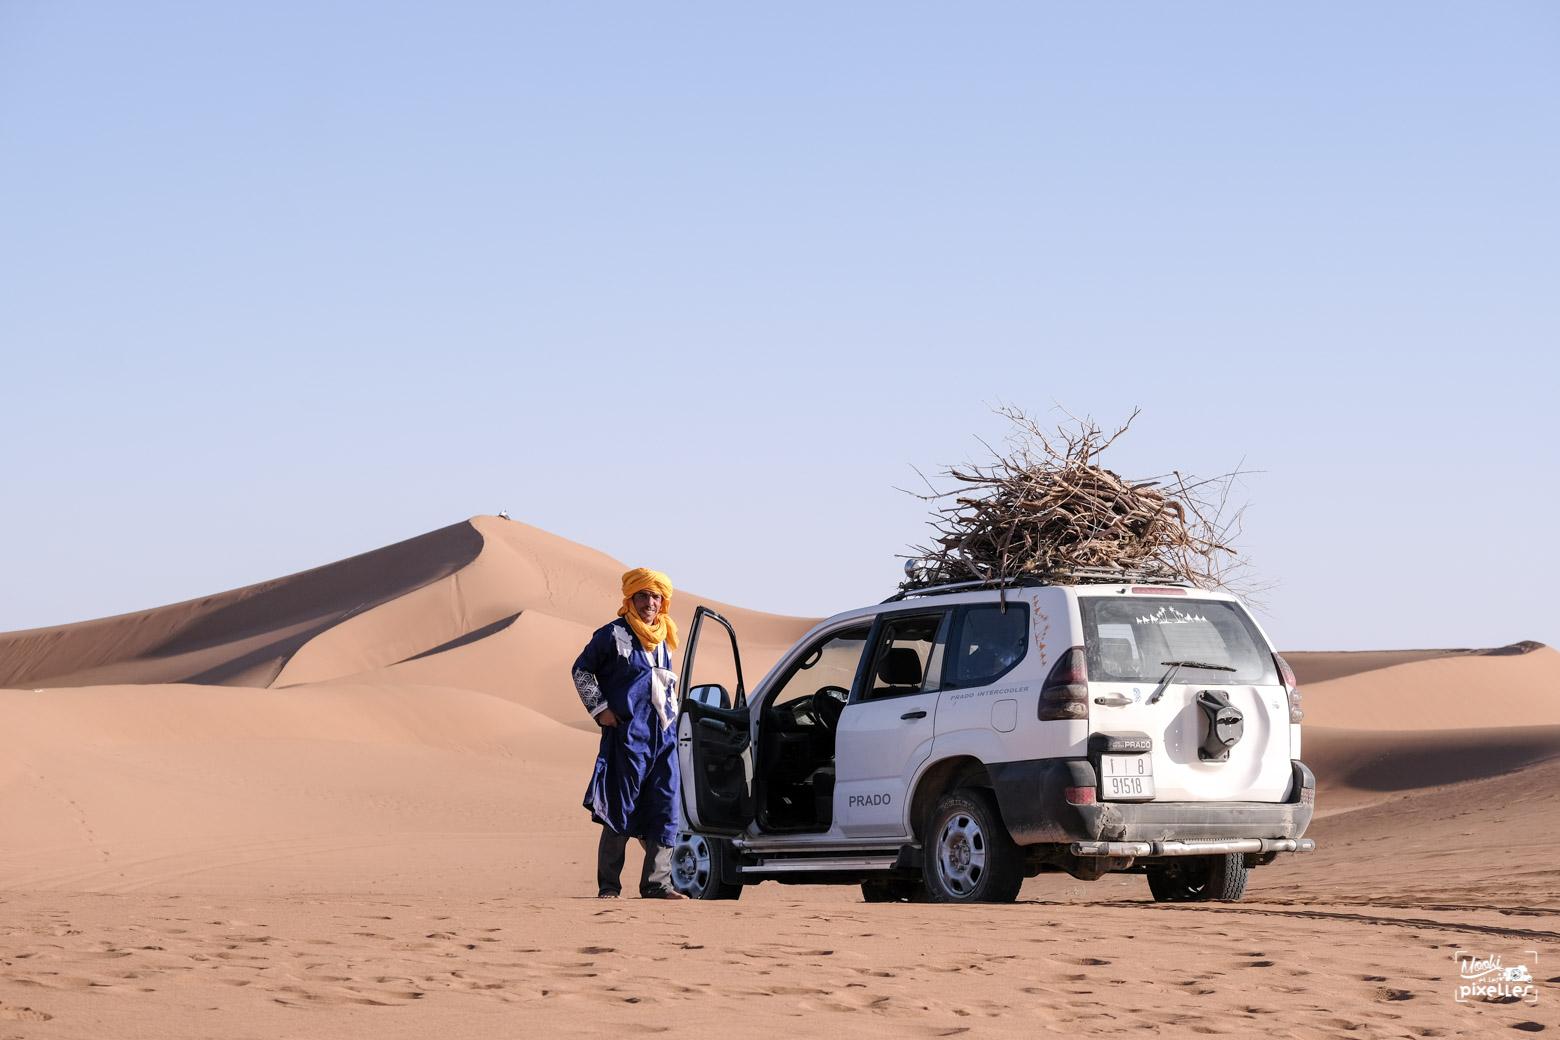 notre guide Mbark au milieu du désert du Sahara